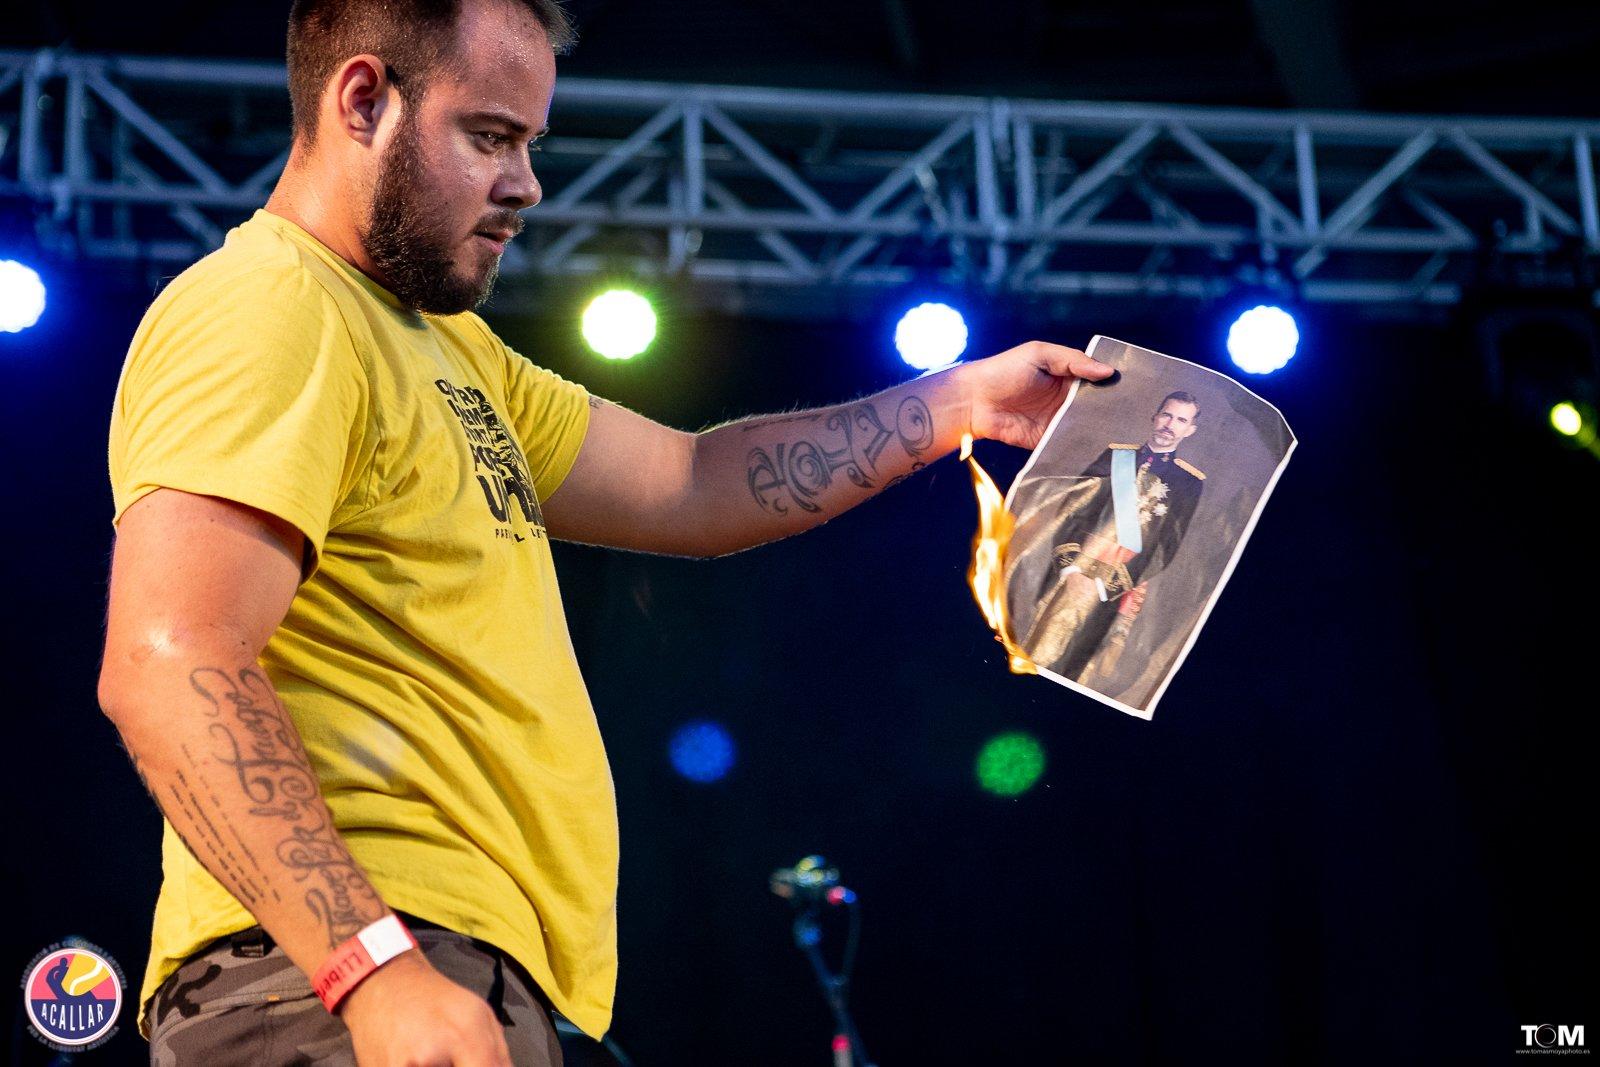 El rapero Pablo Hasel tiene diez días para ingresar a prisión